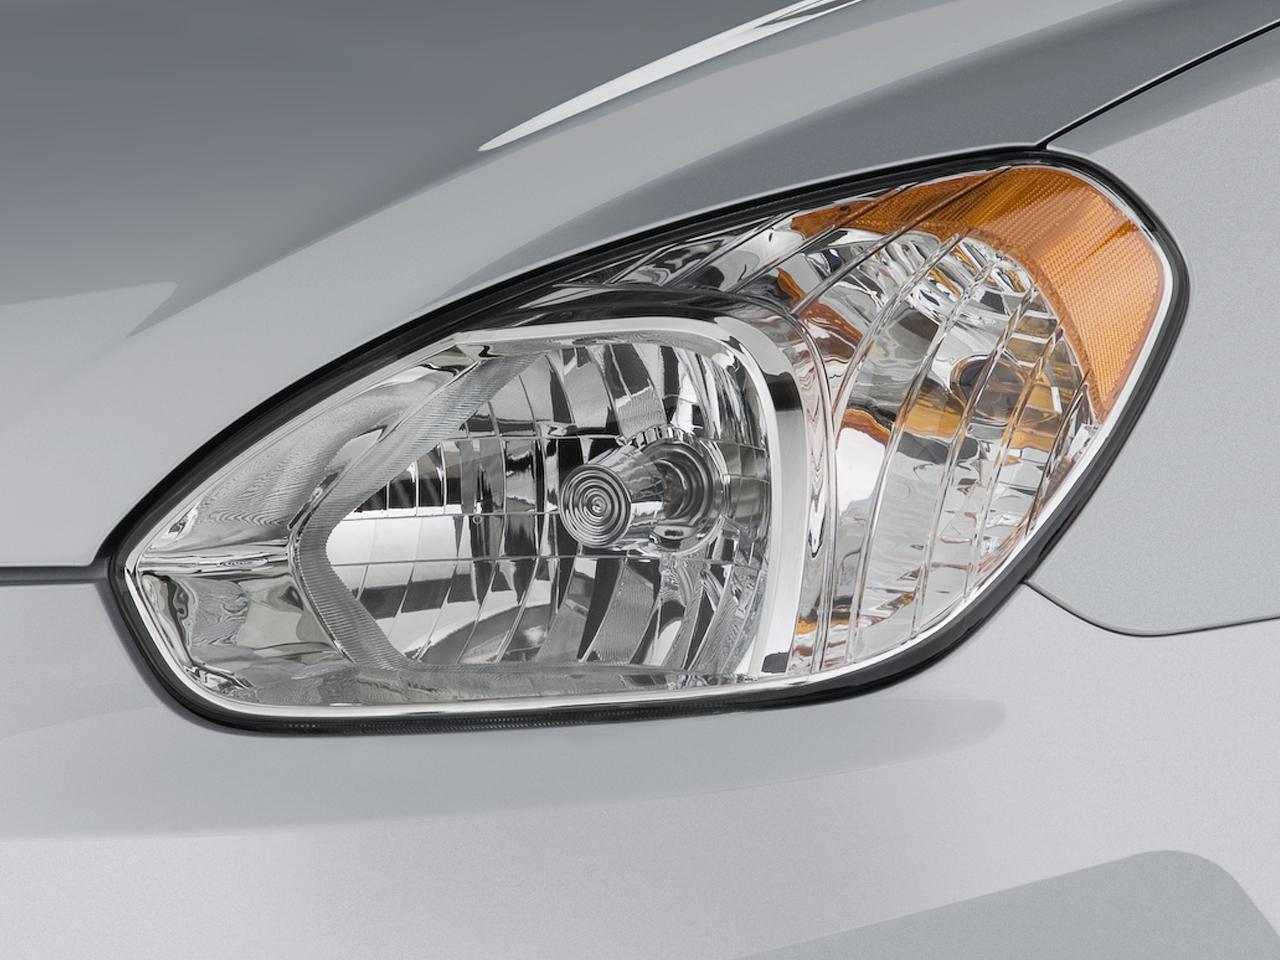 Beijing 2010 Hyundai Reveals 2011 Verna Previews Upcoming Accent 4 Door Sedan 14 50